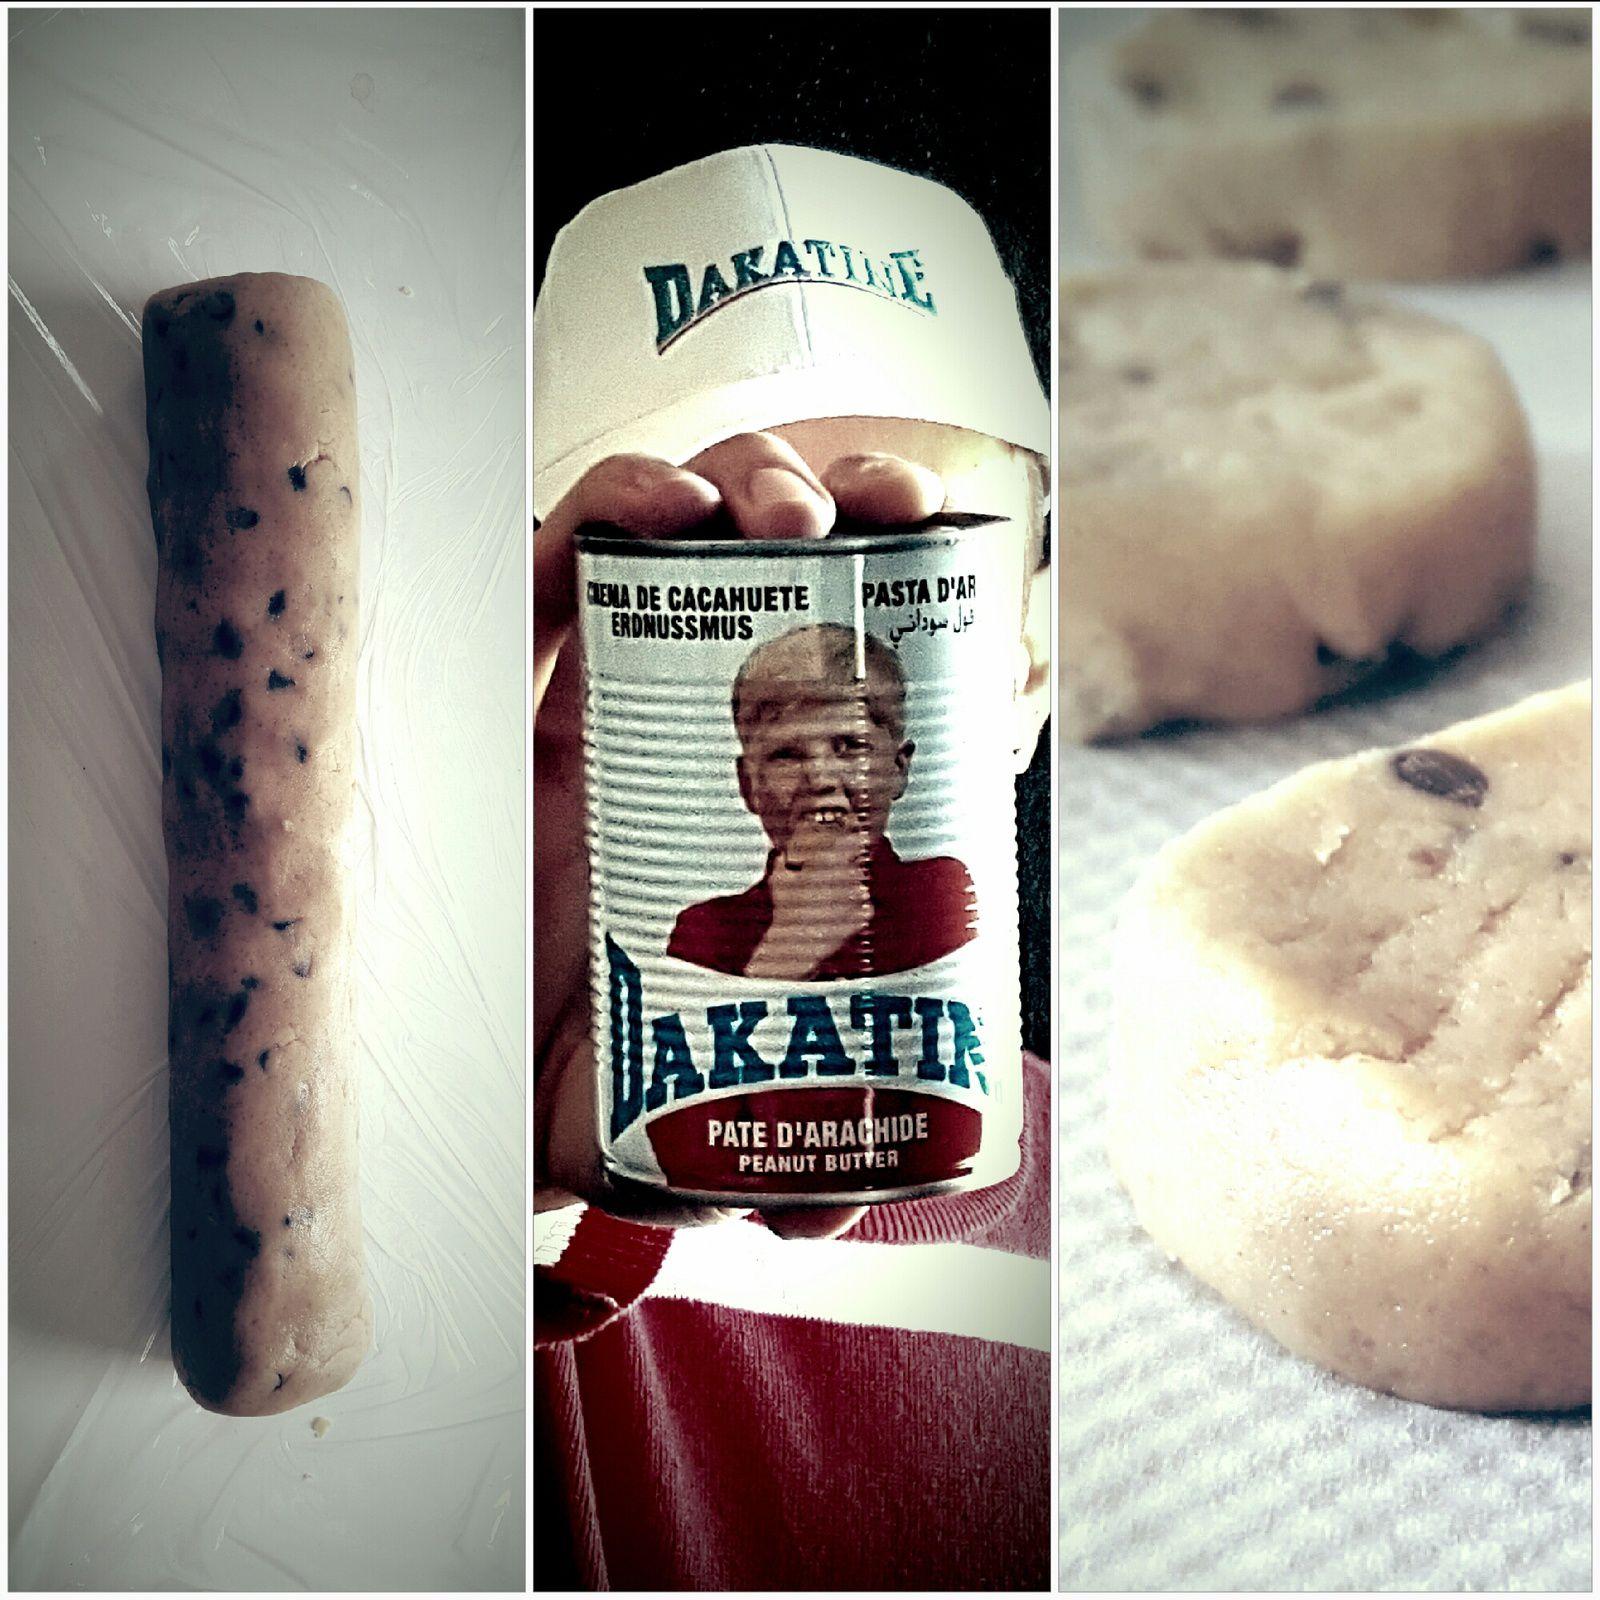 Shortbreads Beurre de Cacahuètes & Pépites de Chocolat - Dakatine